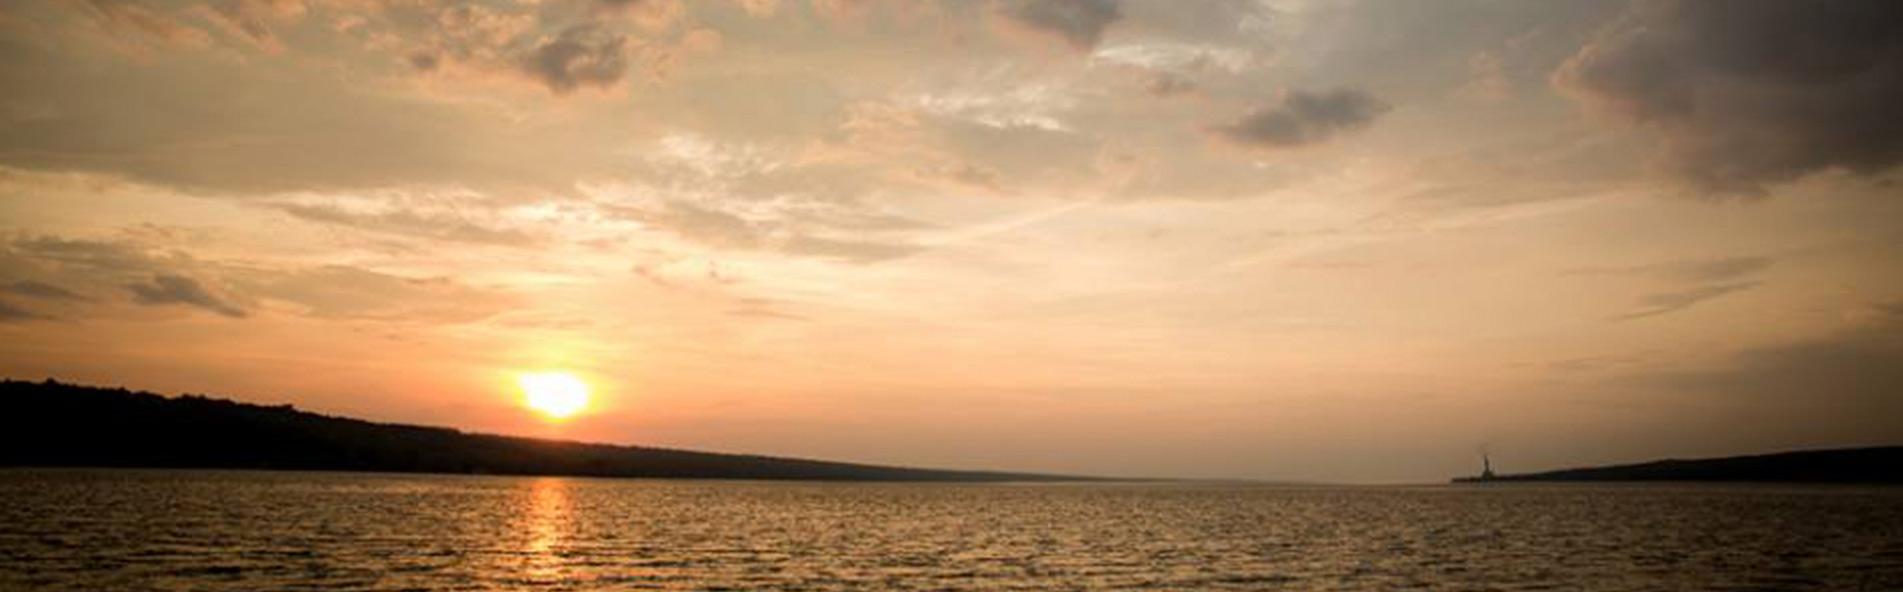 https://s3-us-east-2.amazonaws.com/flxlocal/wp-content/uploads/2017/01/13164711/Cayuga_lake_Sunset.jpg